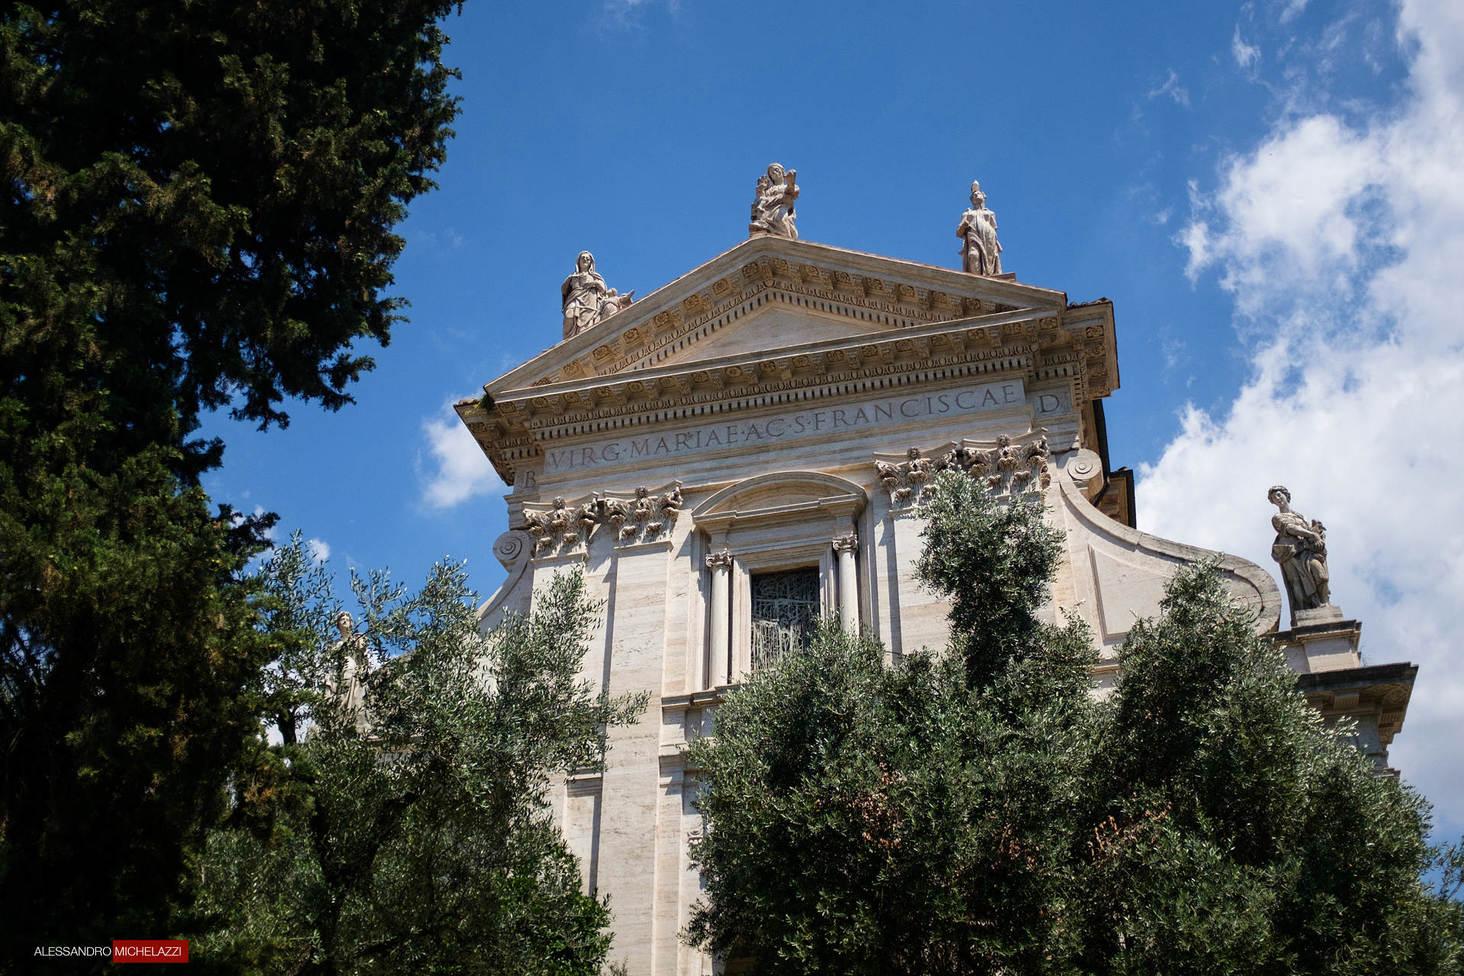 Alessandro-Michelazzi-Photography-Rome-Italy-13